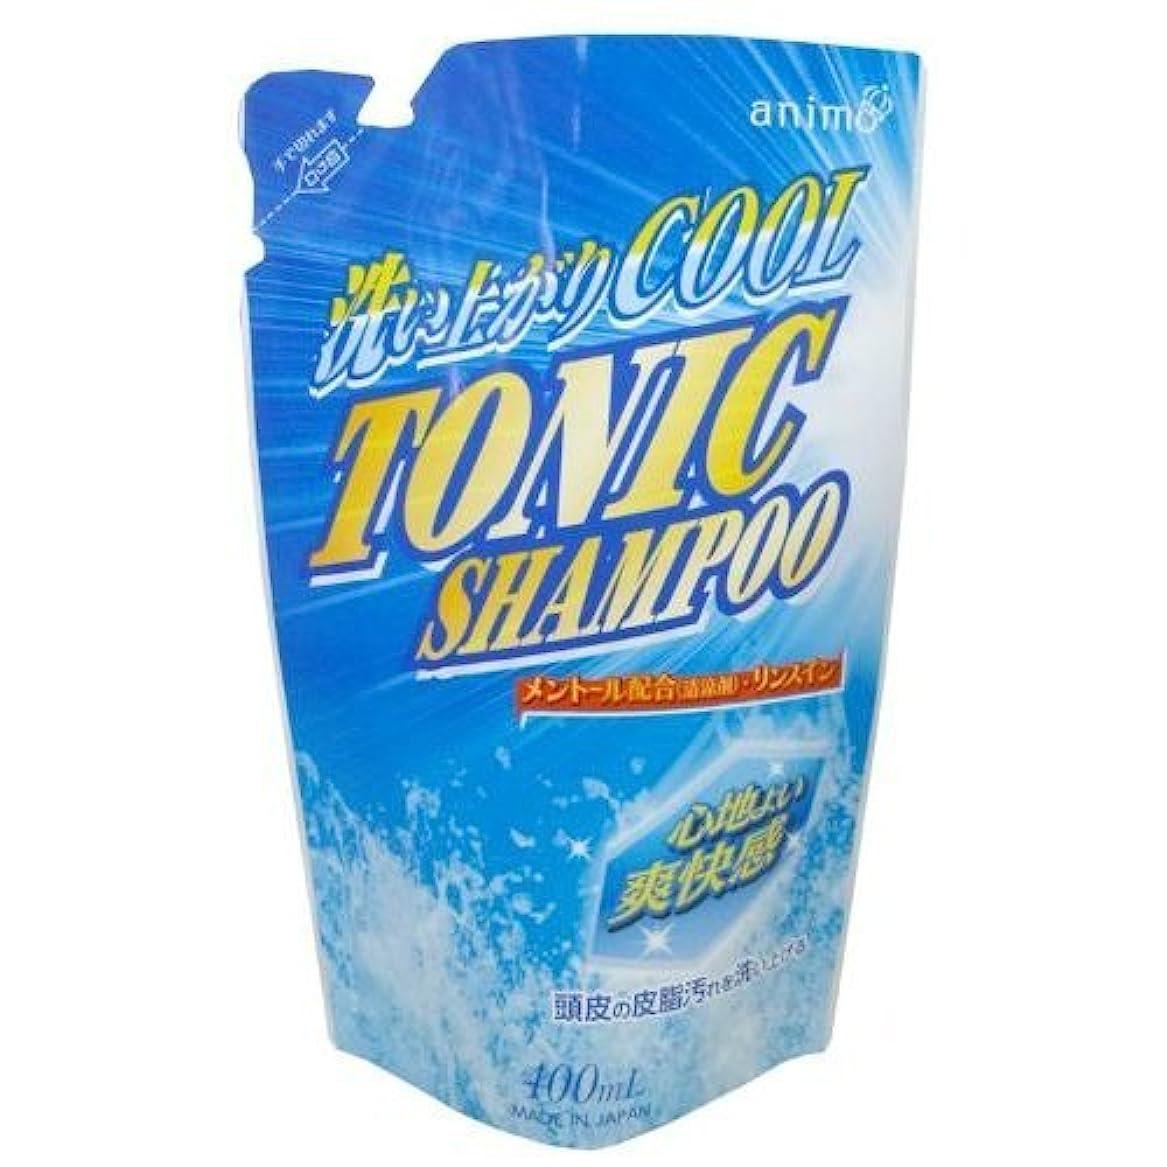 音節に関して汚いロケット石鹸 トニックシャンプー 詰替用 400ml (4571113801403)